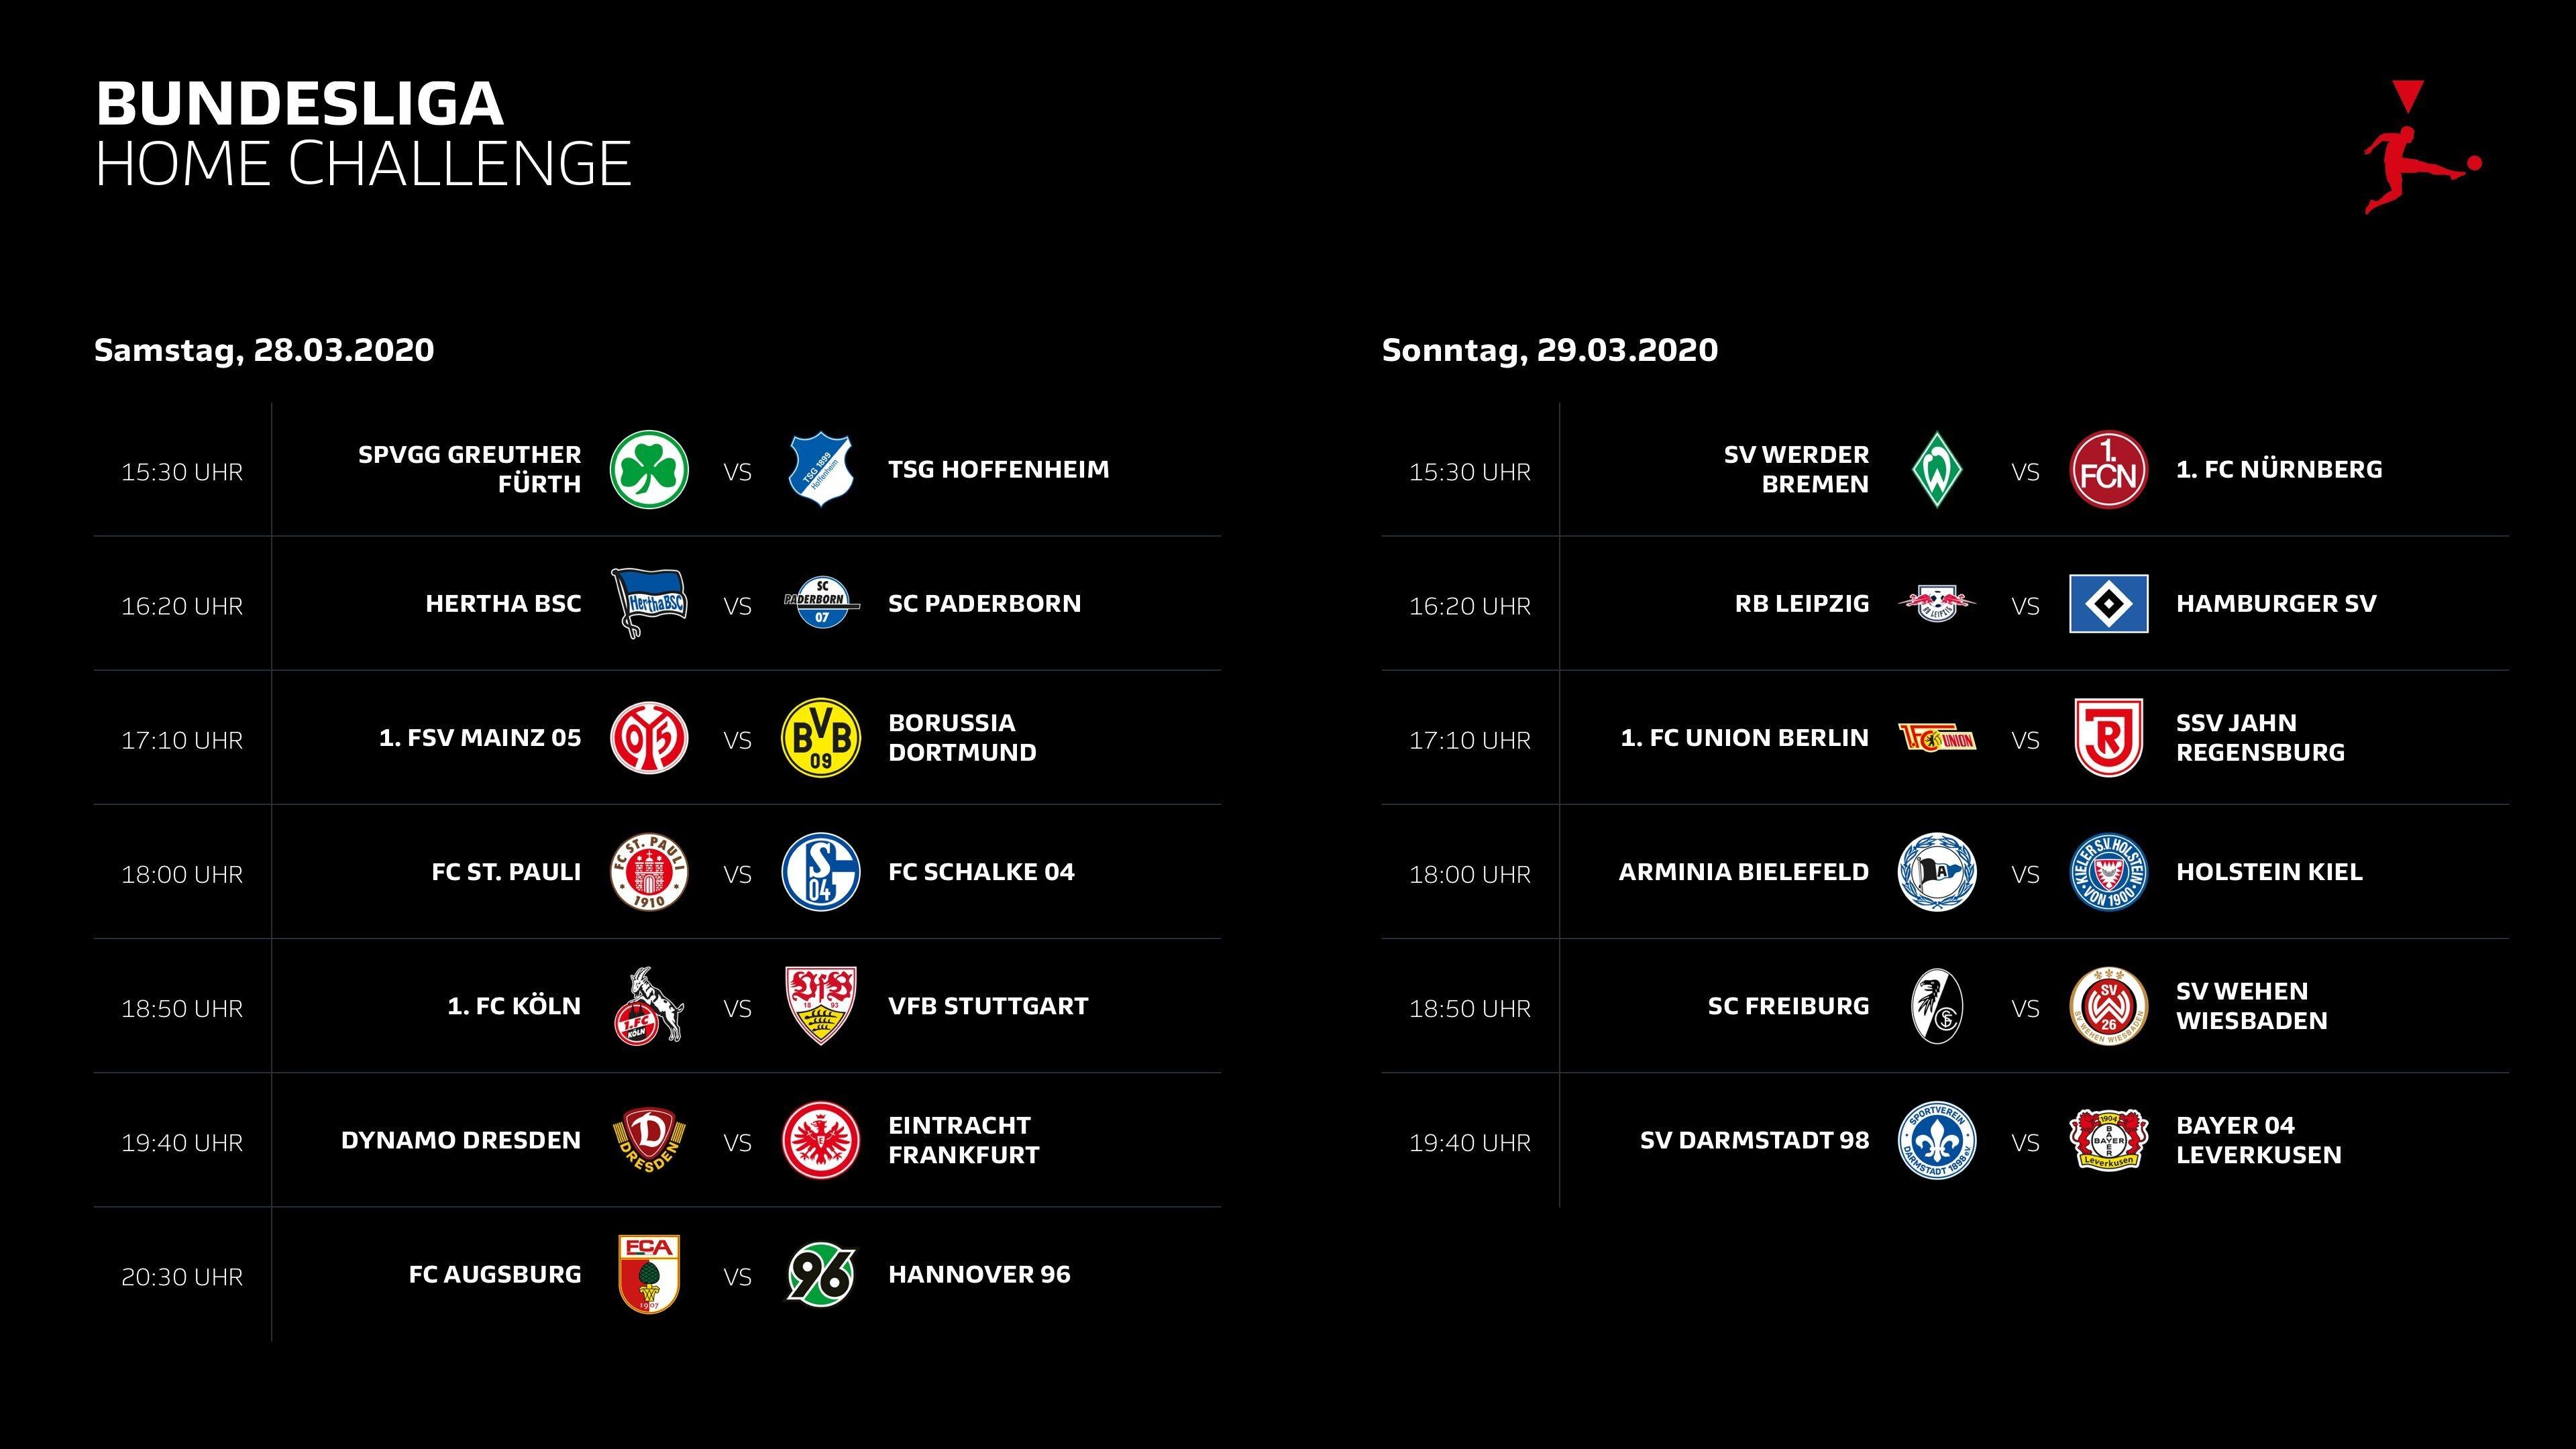 Клубы Бундеслиги проведут турнир по FIFA 20: футболисты примут активное участие - изображение 1